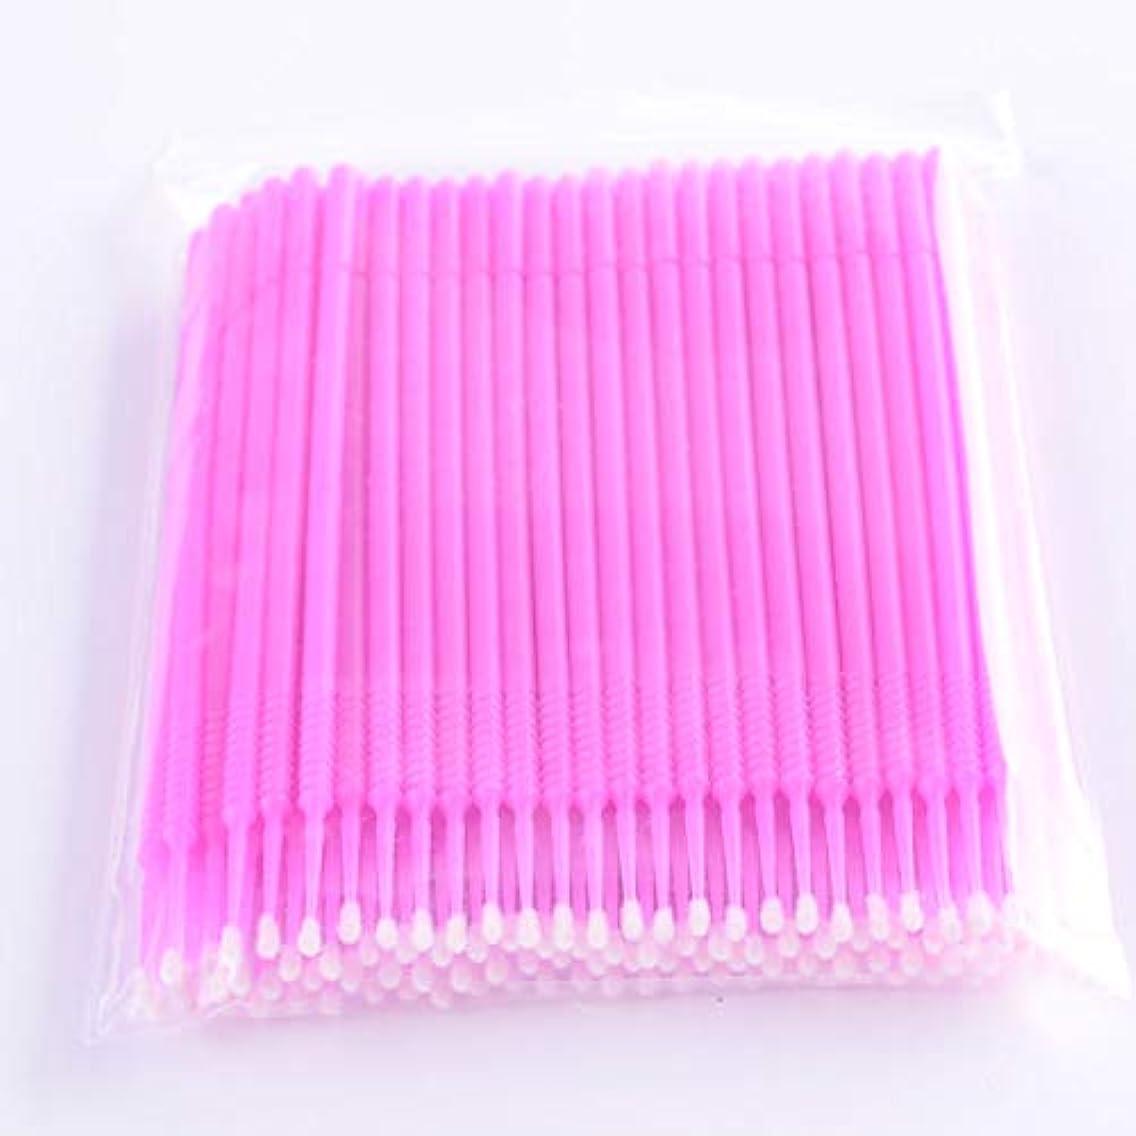 極地老朽化したバーガーPLATINA LASH マイクロスティック 100本入り マイクロブラシ 使い捨て極細綿棒アプリケーター まつげエクステ用 (Fine/Pink)